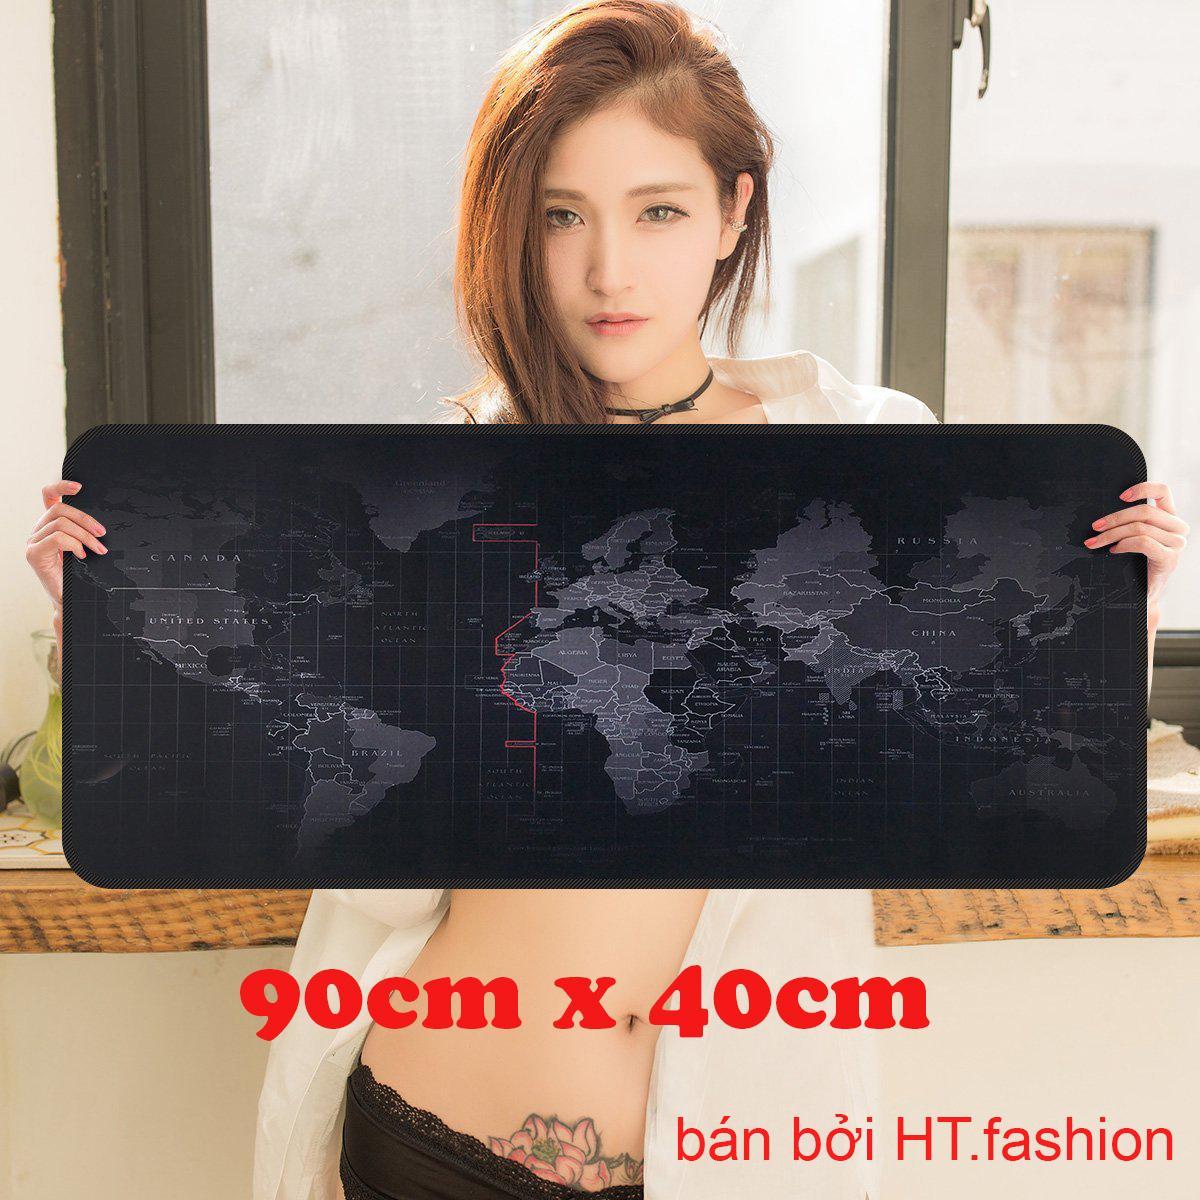 Ht.fashion - Bàn Di Chuột Bản đồ (pad Bản đồ) Khổ Lớn 90 X 40cm By Ht.fashion.